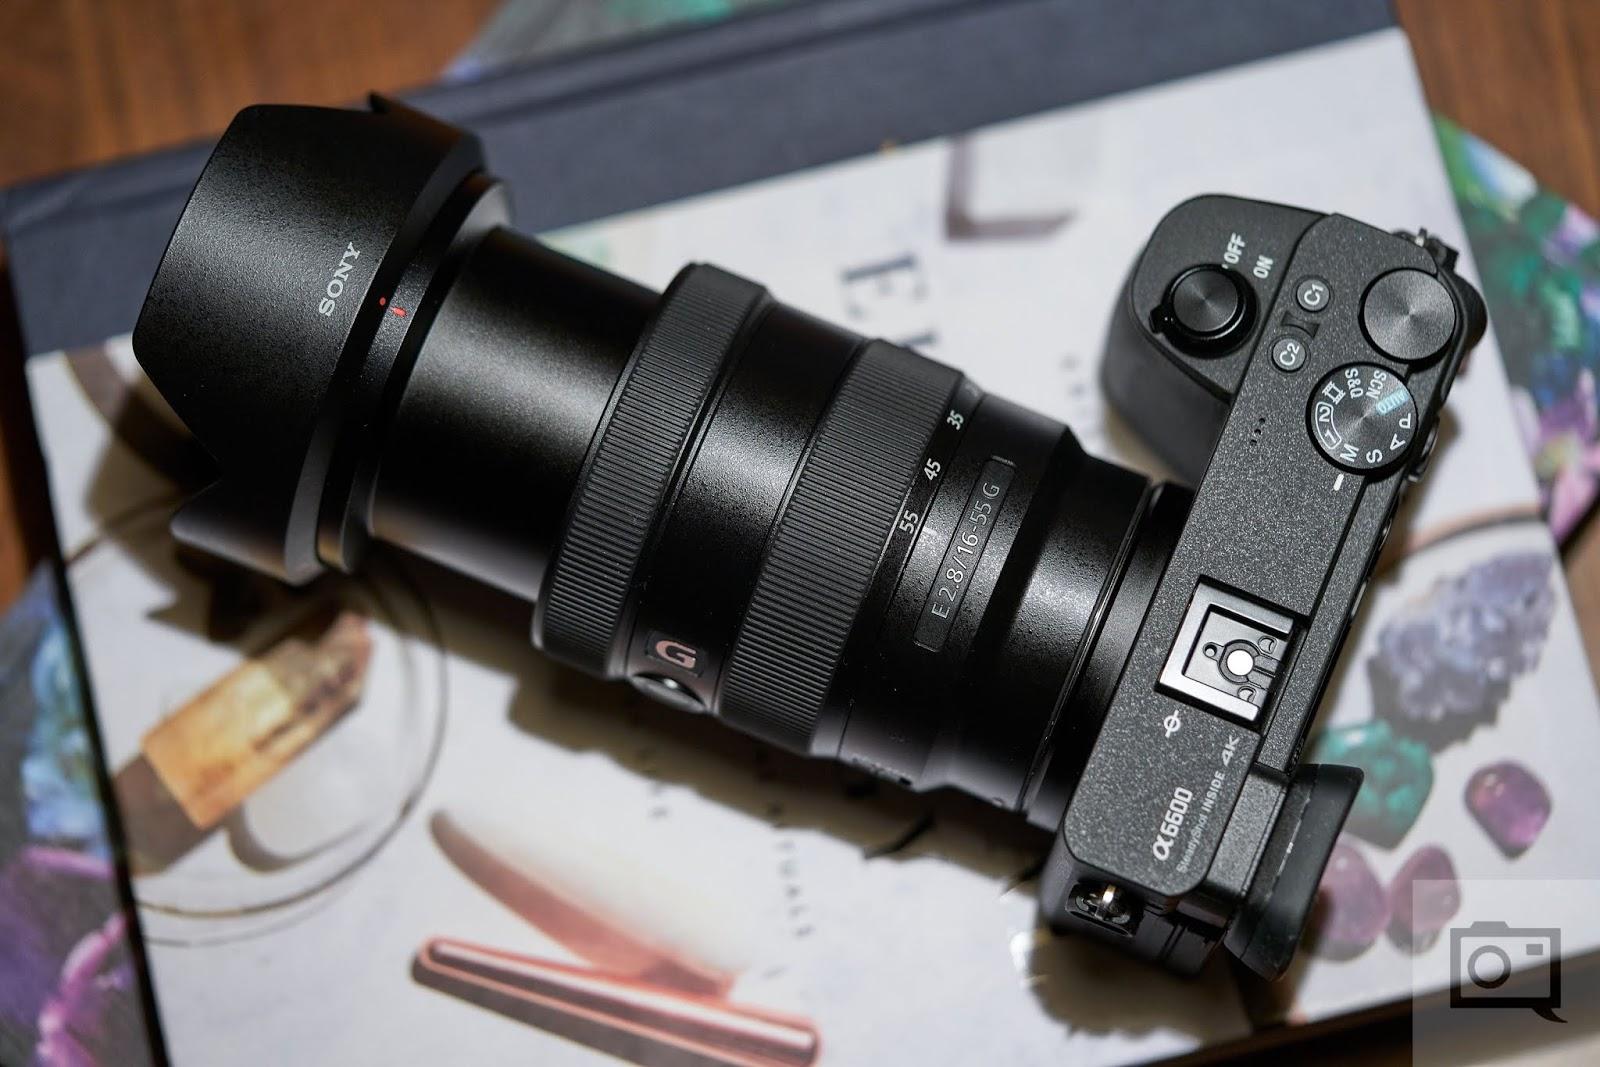 Объектив Sony E 16-55mm f/2.8 G с камерой Sony A6600, вид сверху